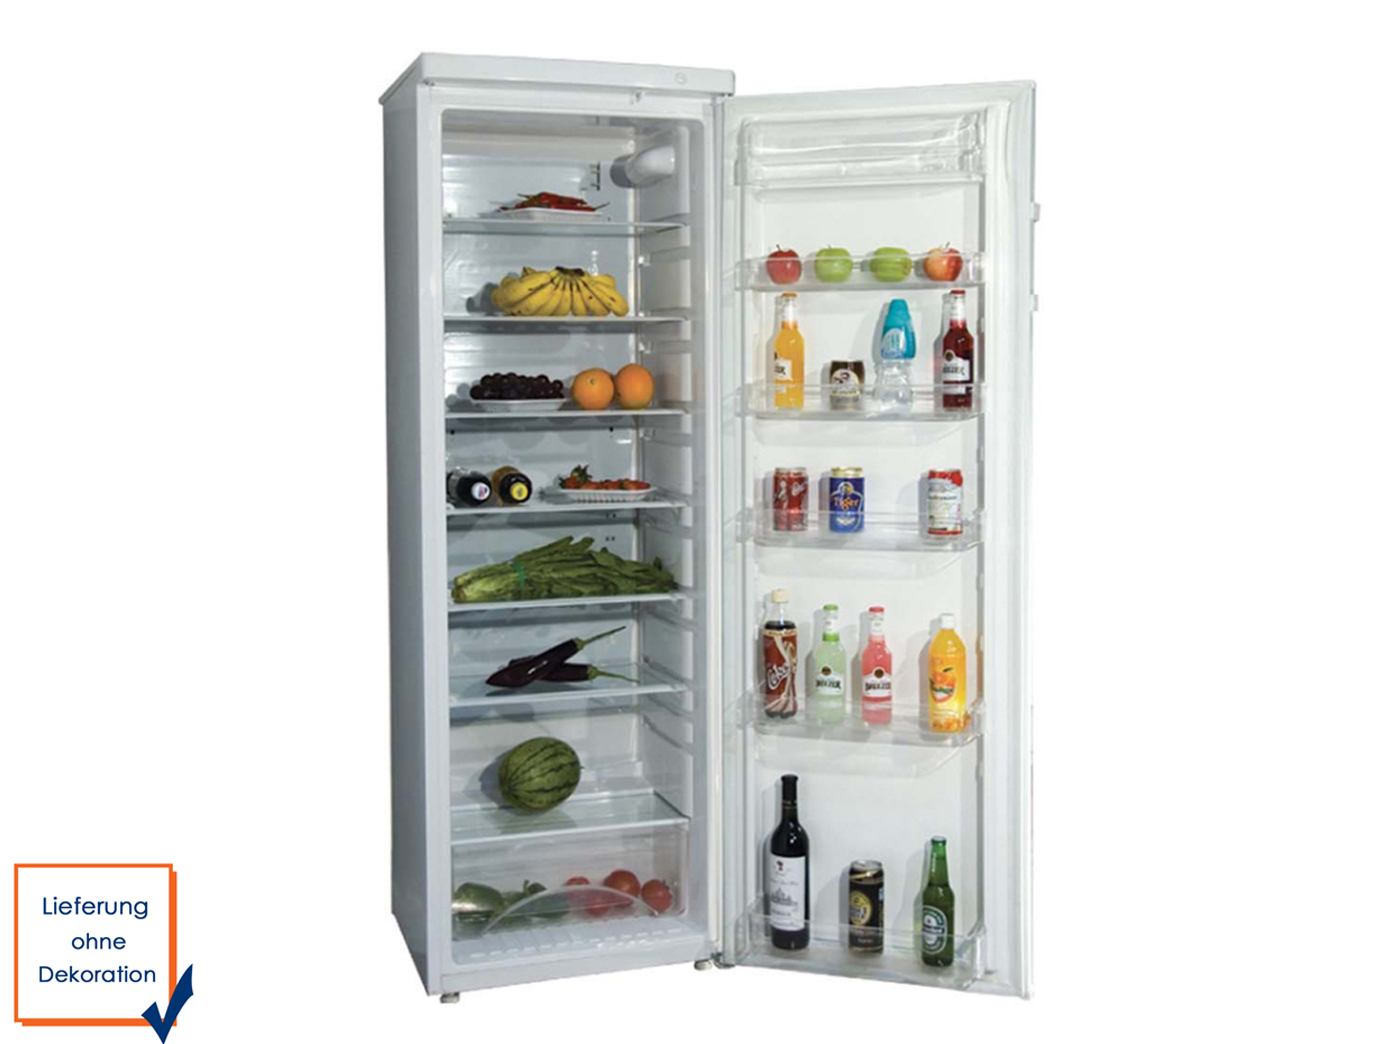 Kühlschrank Ohne Gefrierfach : Gastro kühlschrank ohne gefrierfach l °c °c profi